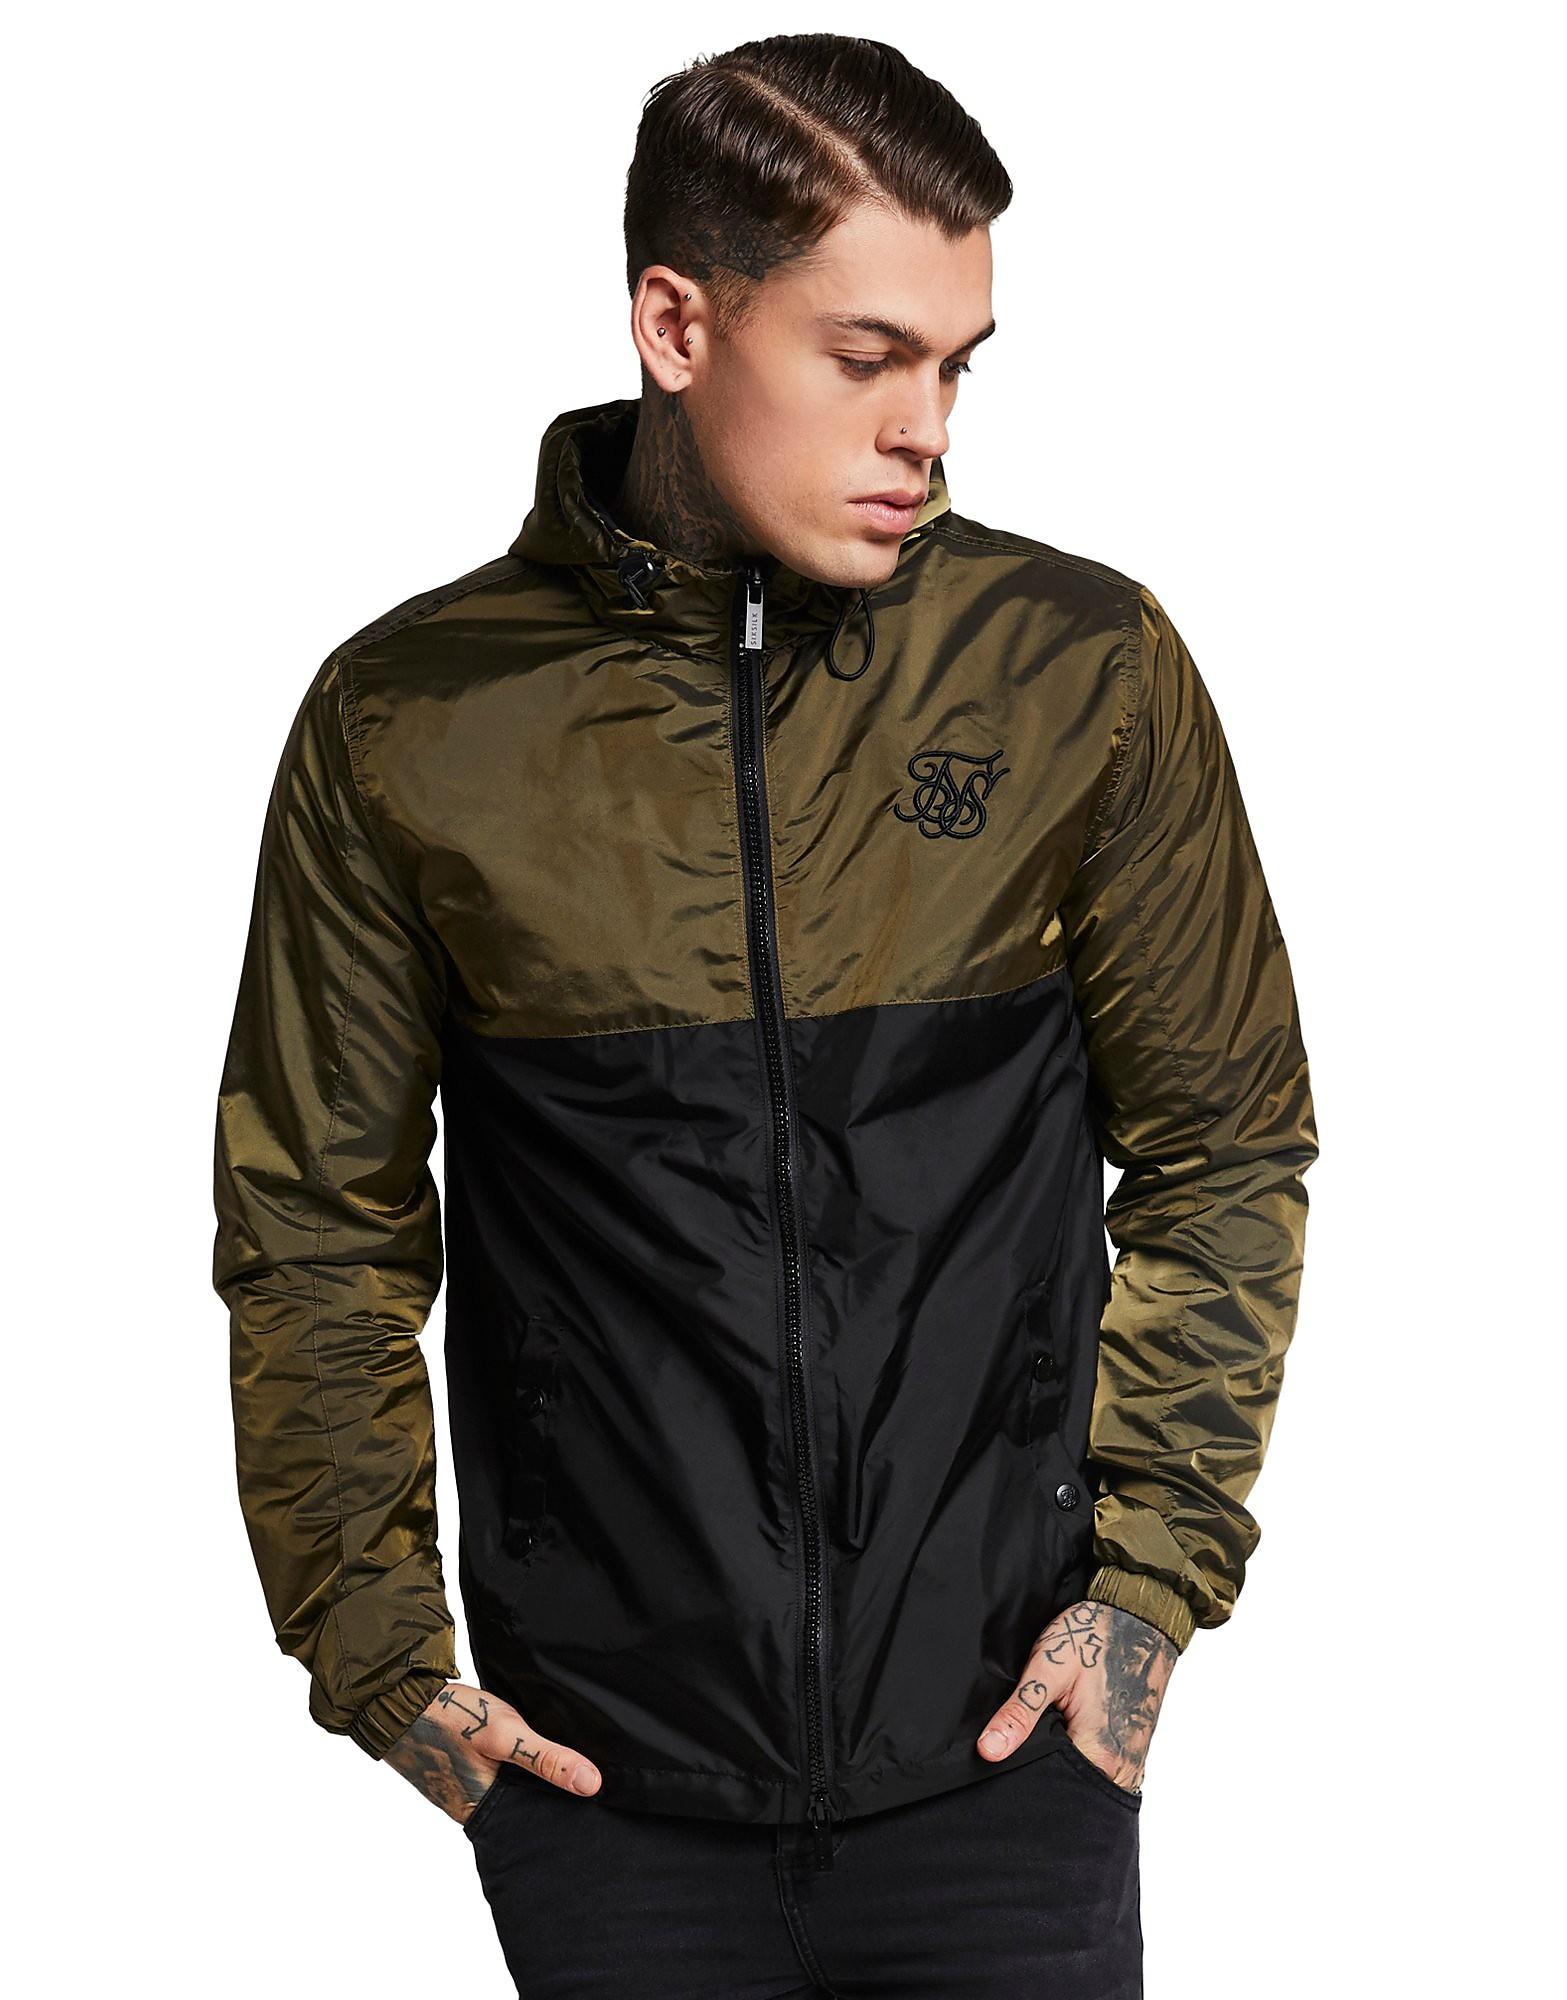 SikSilk chaqueta con capucha Zip Colourblock